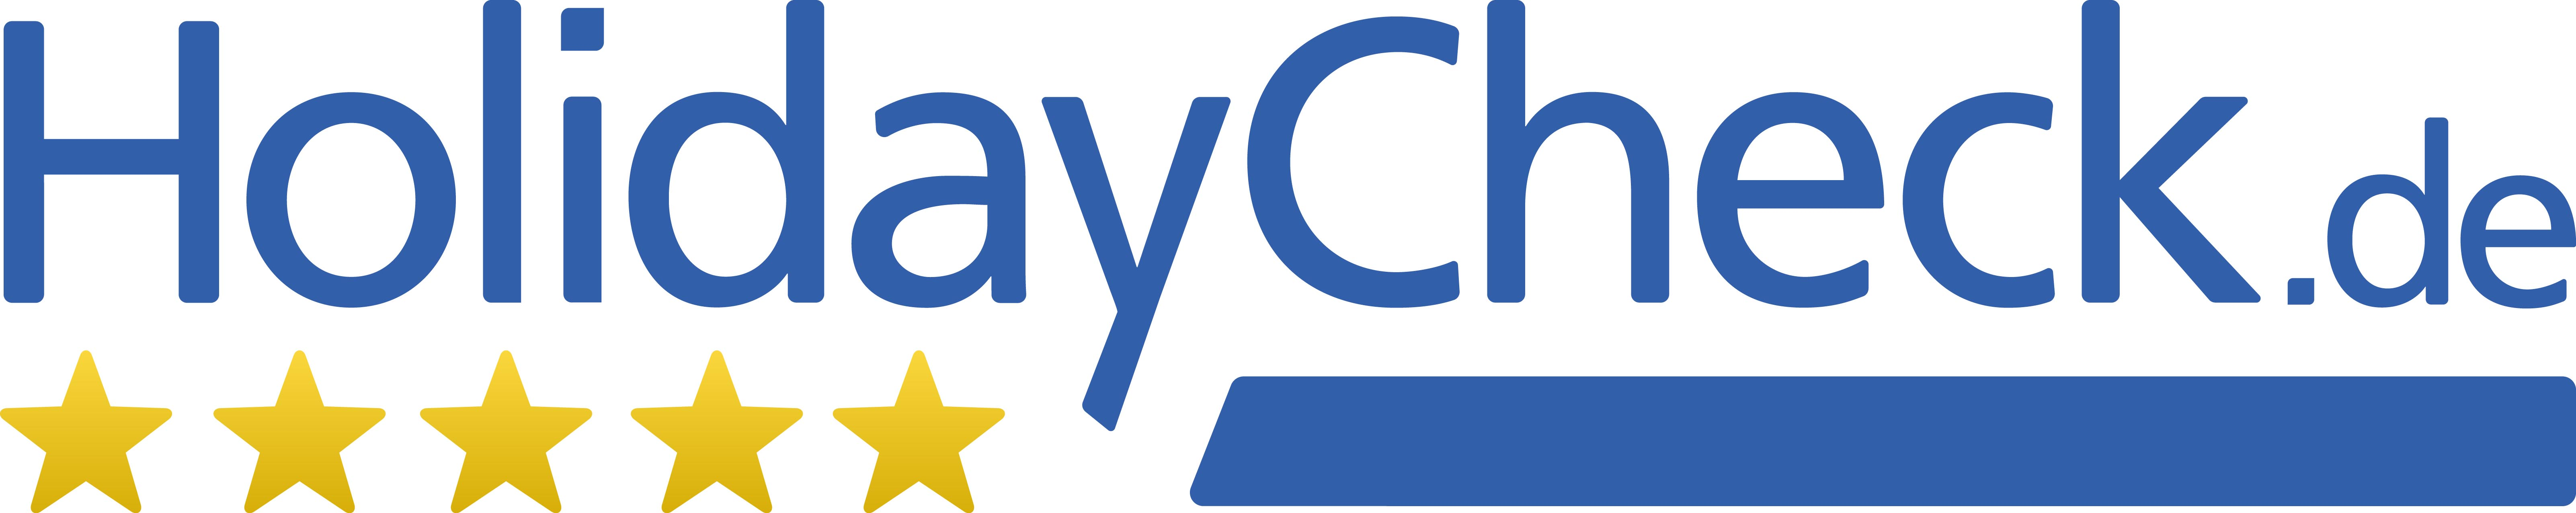 hc_logo_de_1538x288_rgb.jpg